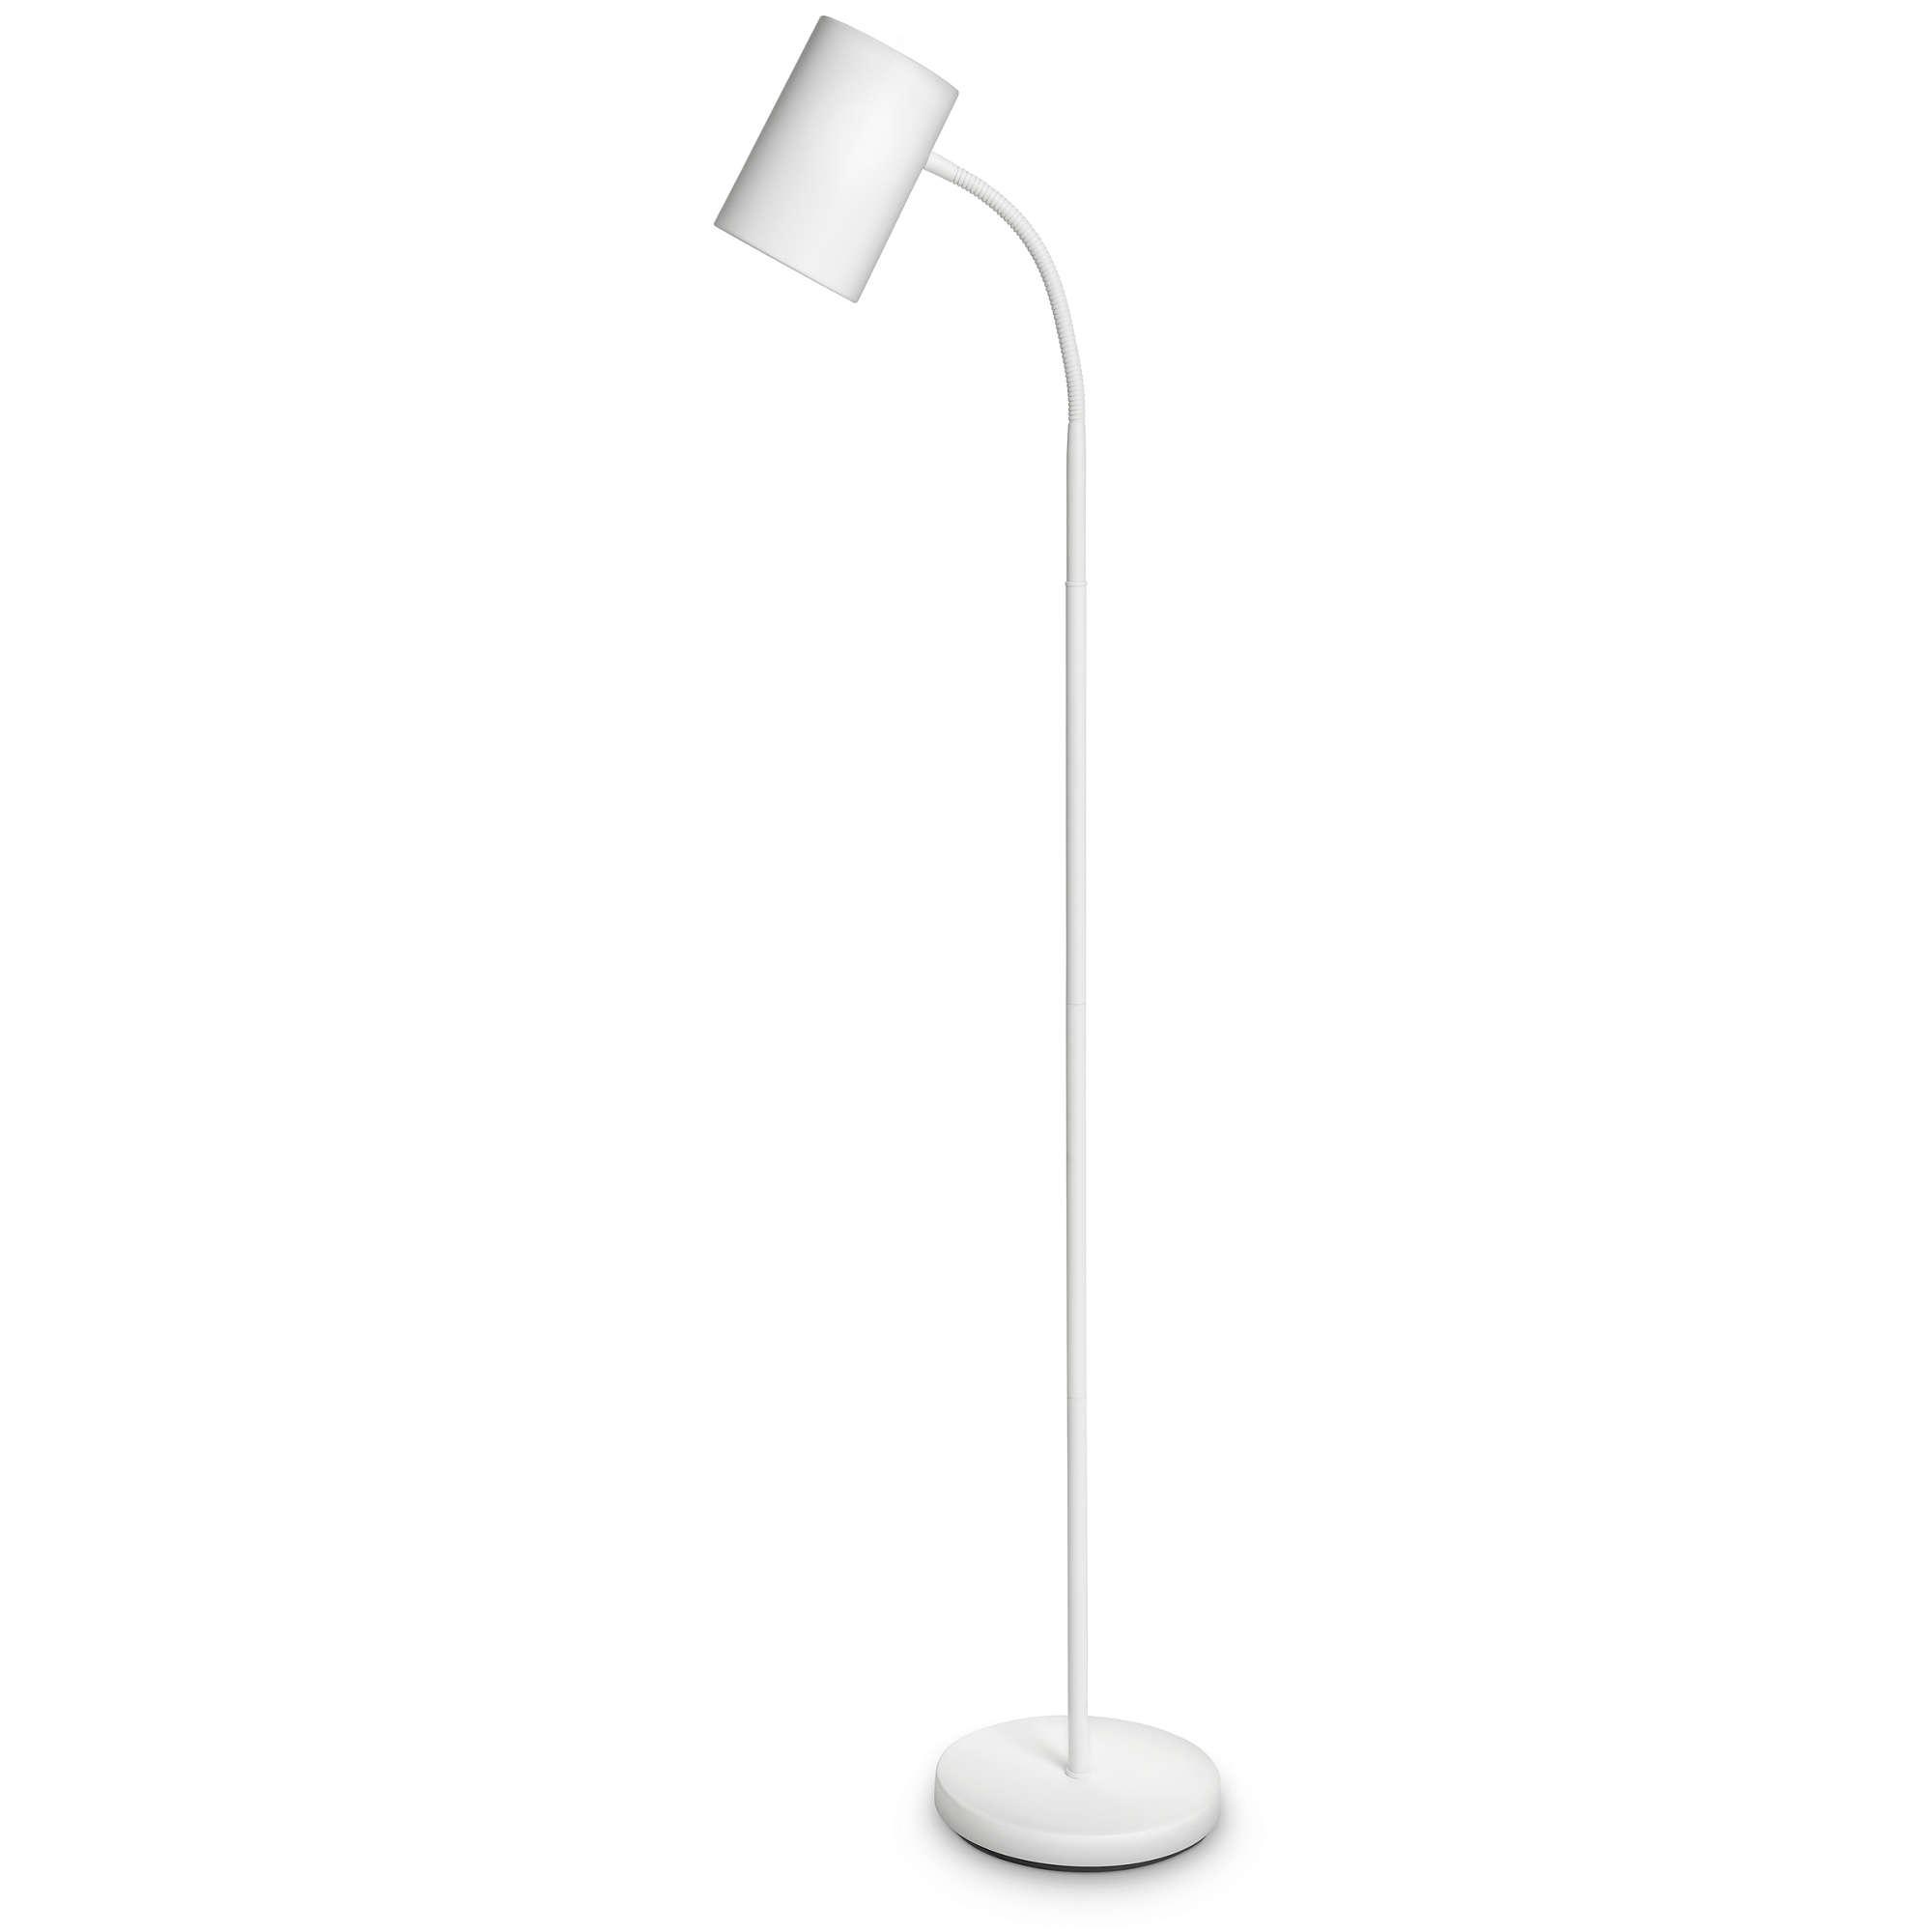 Philips HIMROO podna lampa - 36056-31-E7